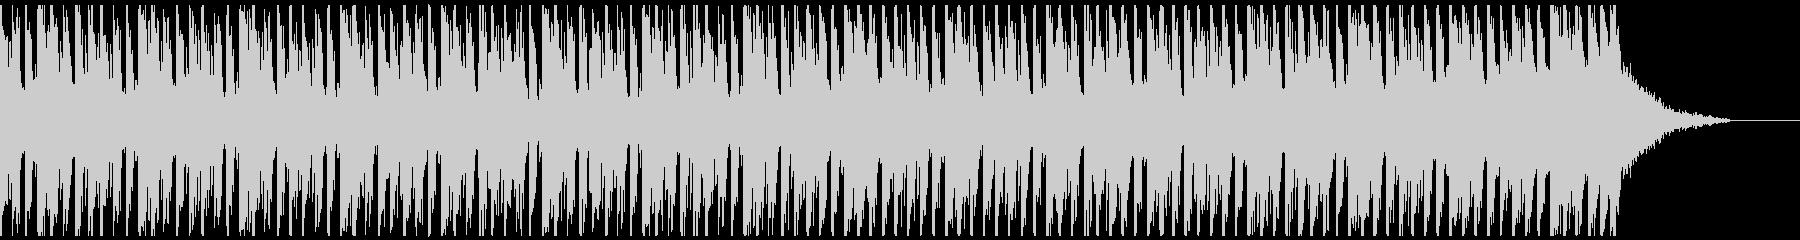 オシャ4つ打ち、スタイリッシュ雰囲気系7の未再生の波形